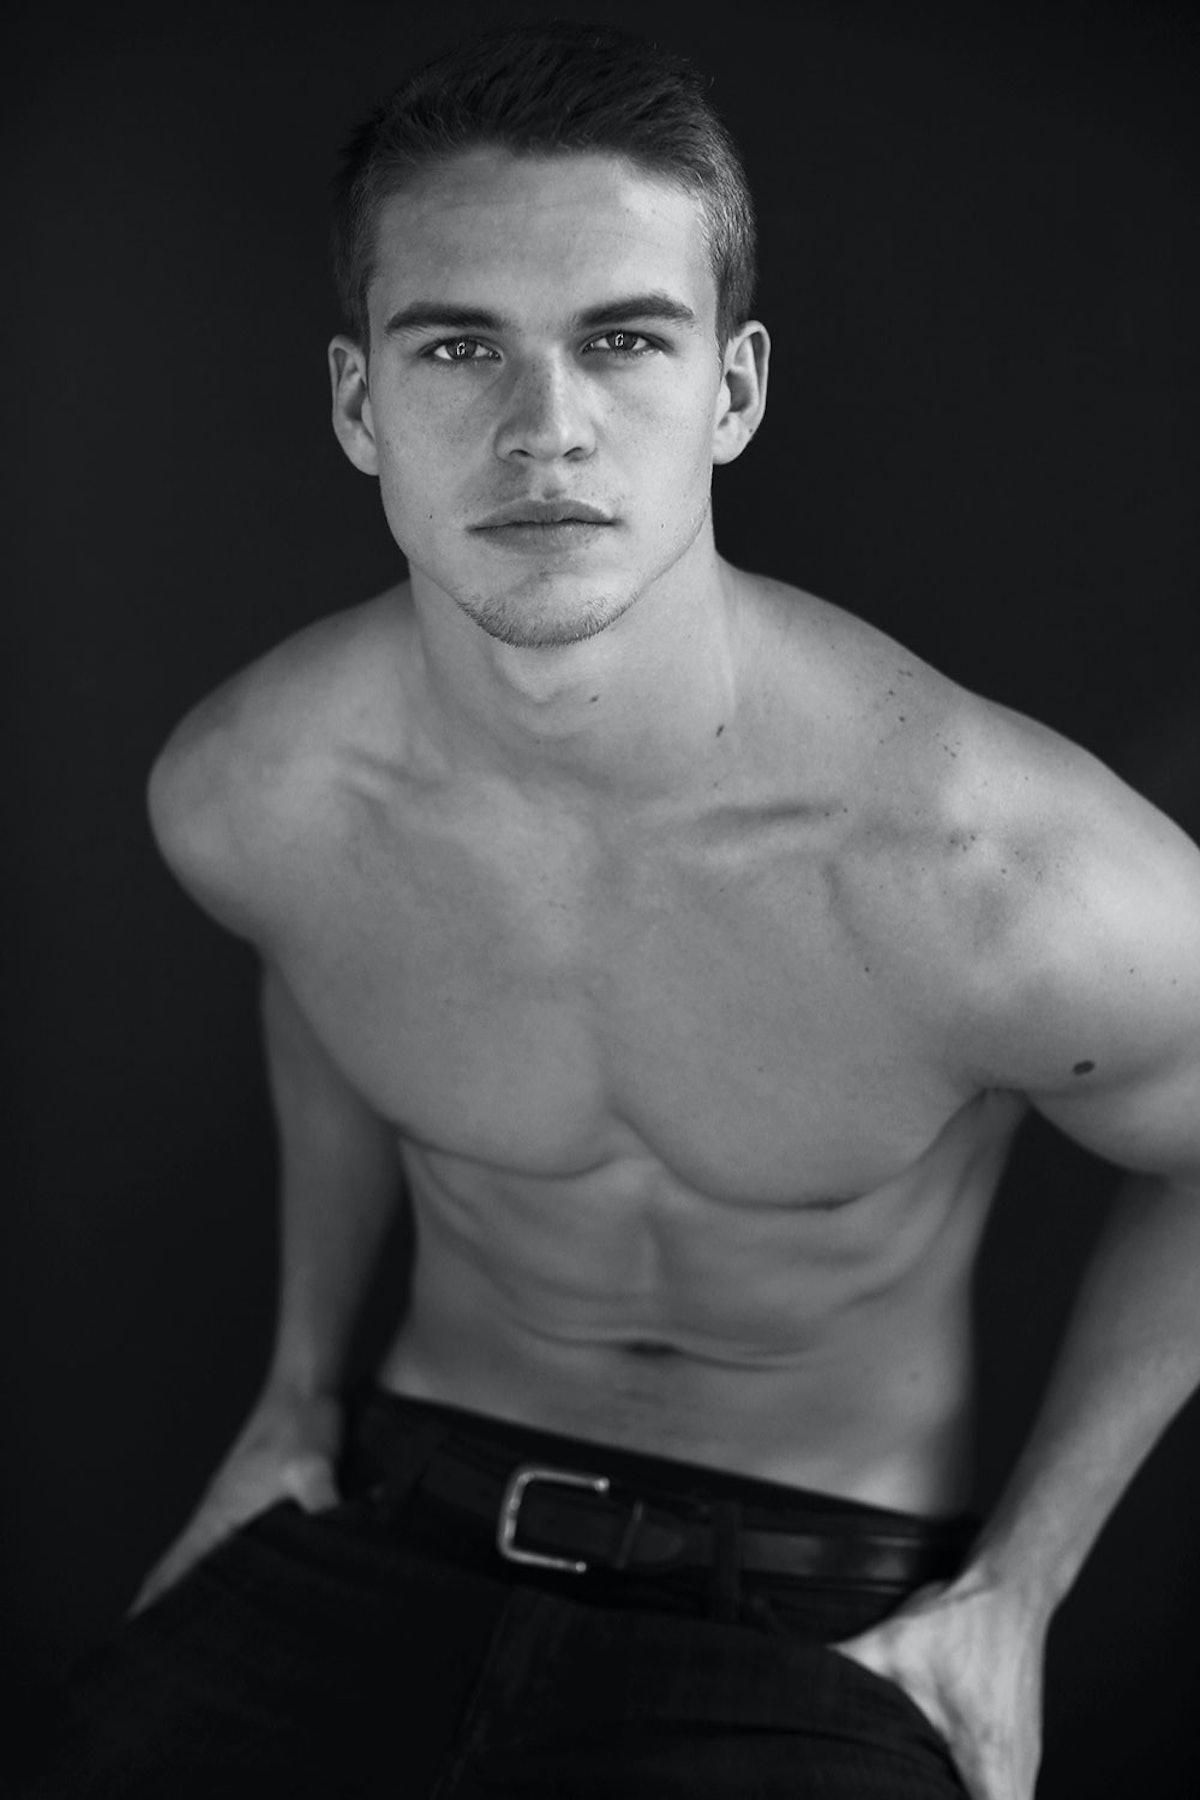 Mitchell Slaggert